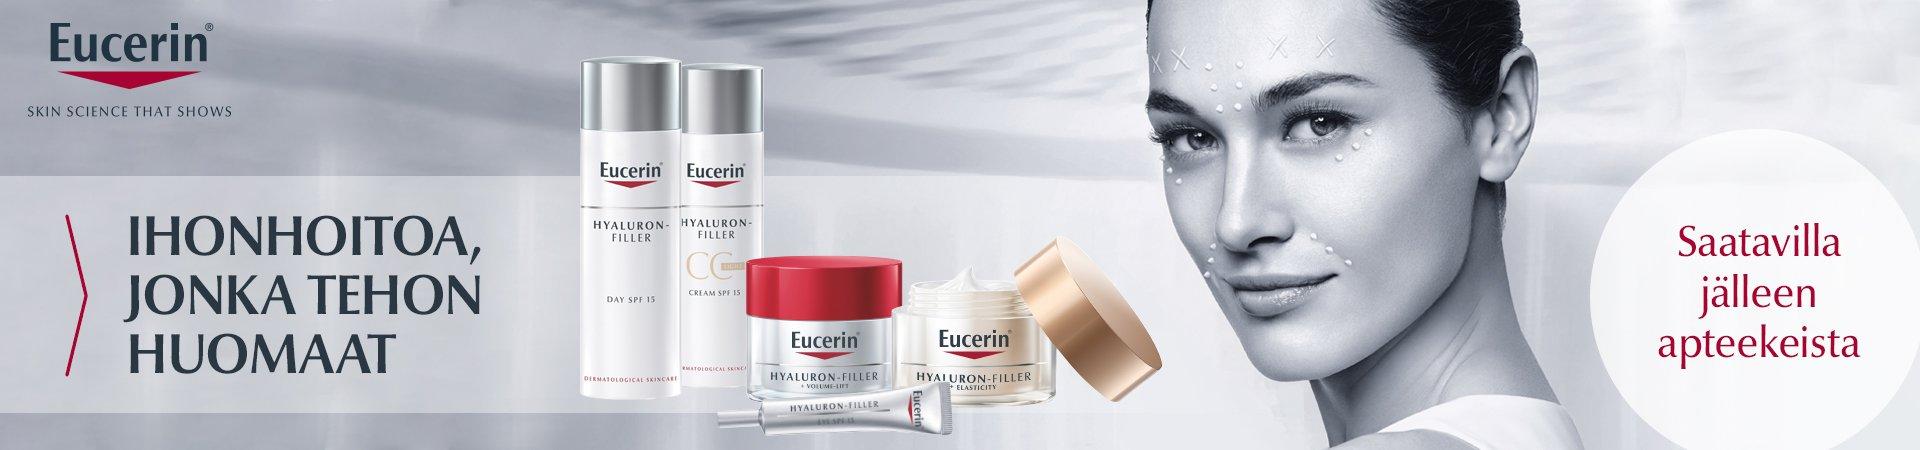 Eucerin kosmetiikkasarja saatavilla jälleen apteekista